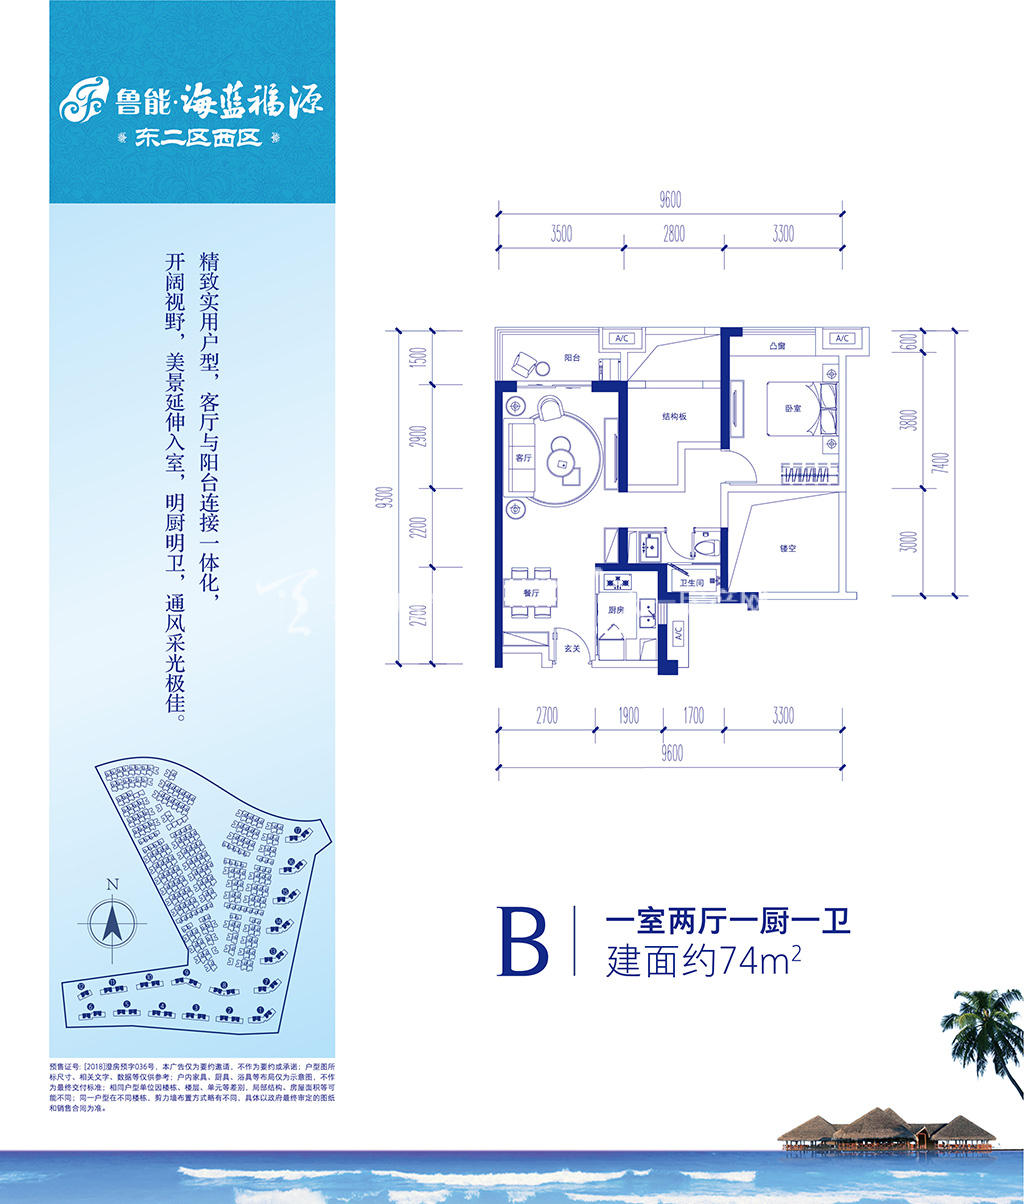 鲁能海蓝福源鲁能海蓝福源东二区西区B户型1房2厅建筑面积约74㎡